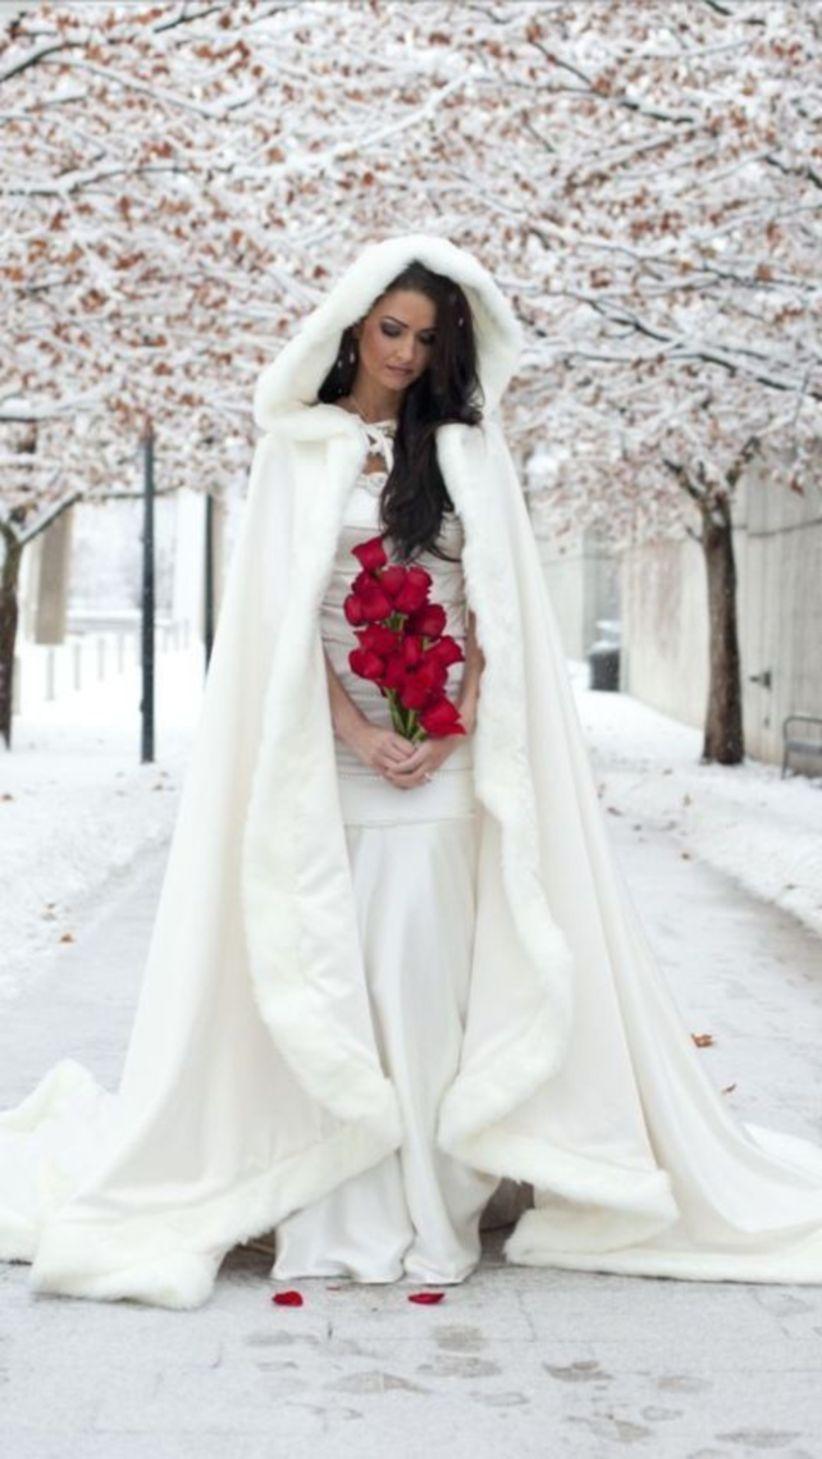 Gorgeous wedding theme ideas unique wedding 31 - Round Decor